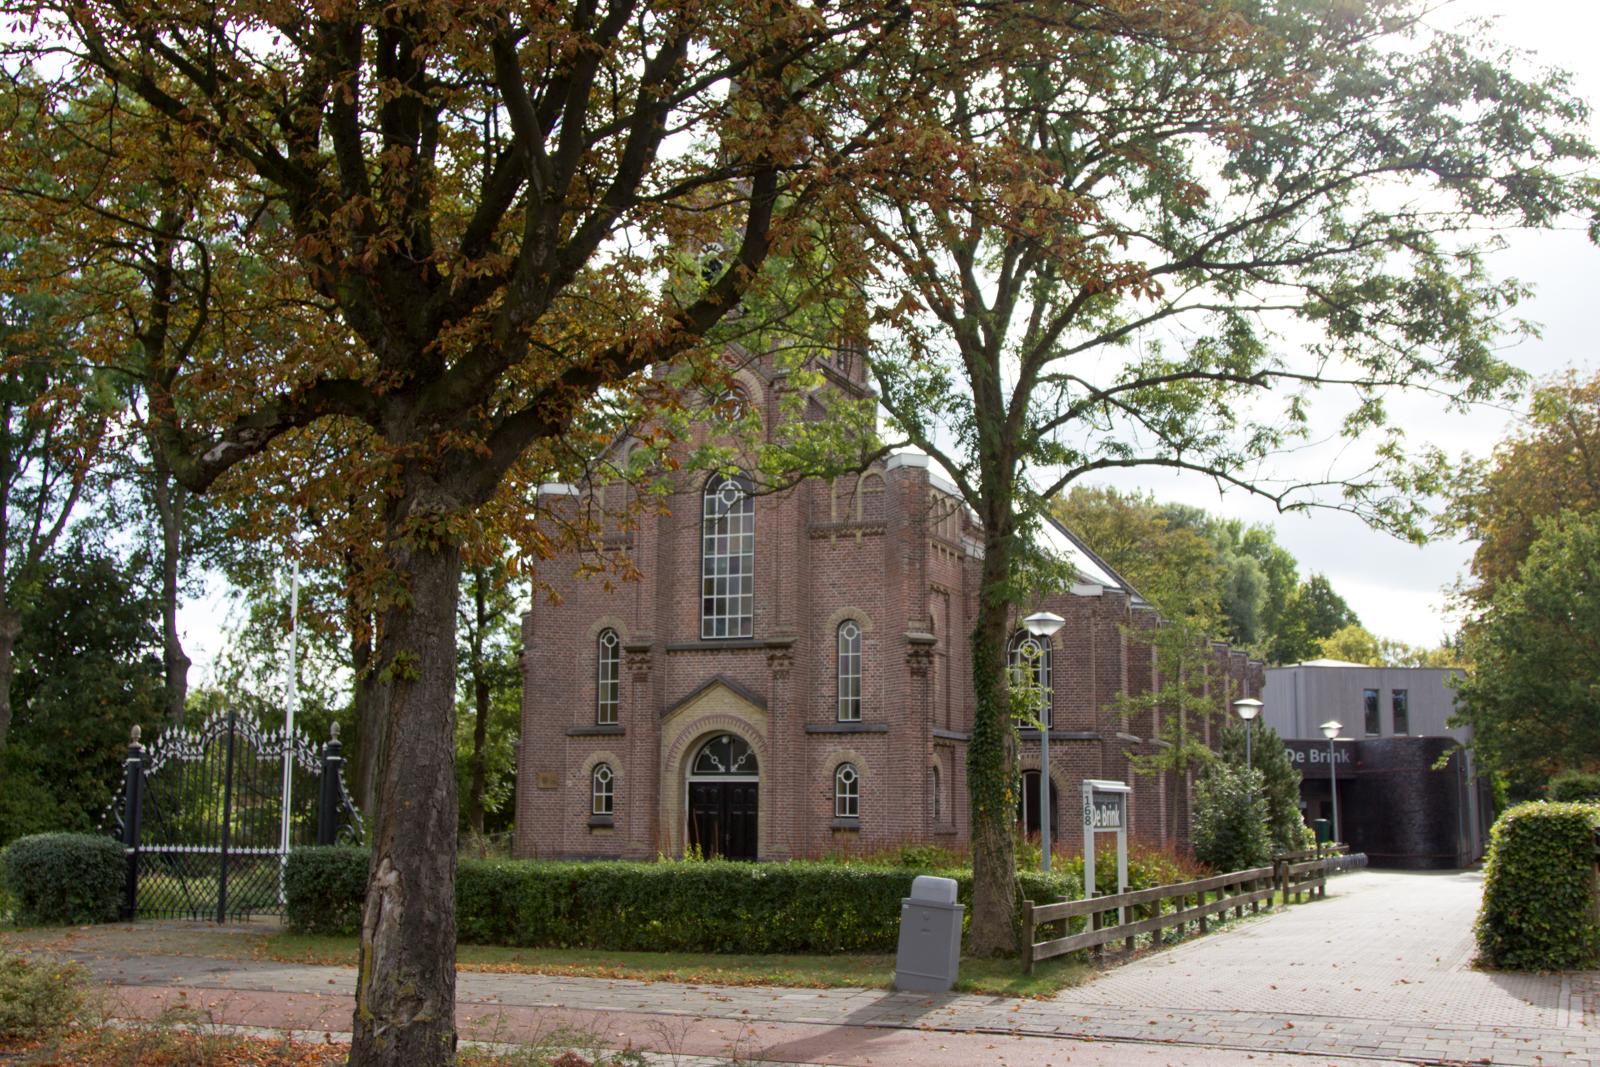 ontmoetingscentrum_de_brink_heerhugowaard_10_